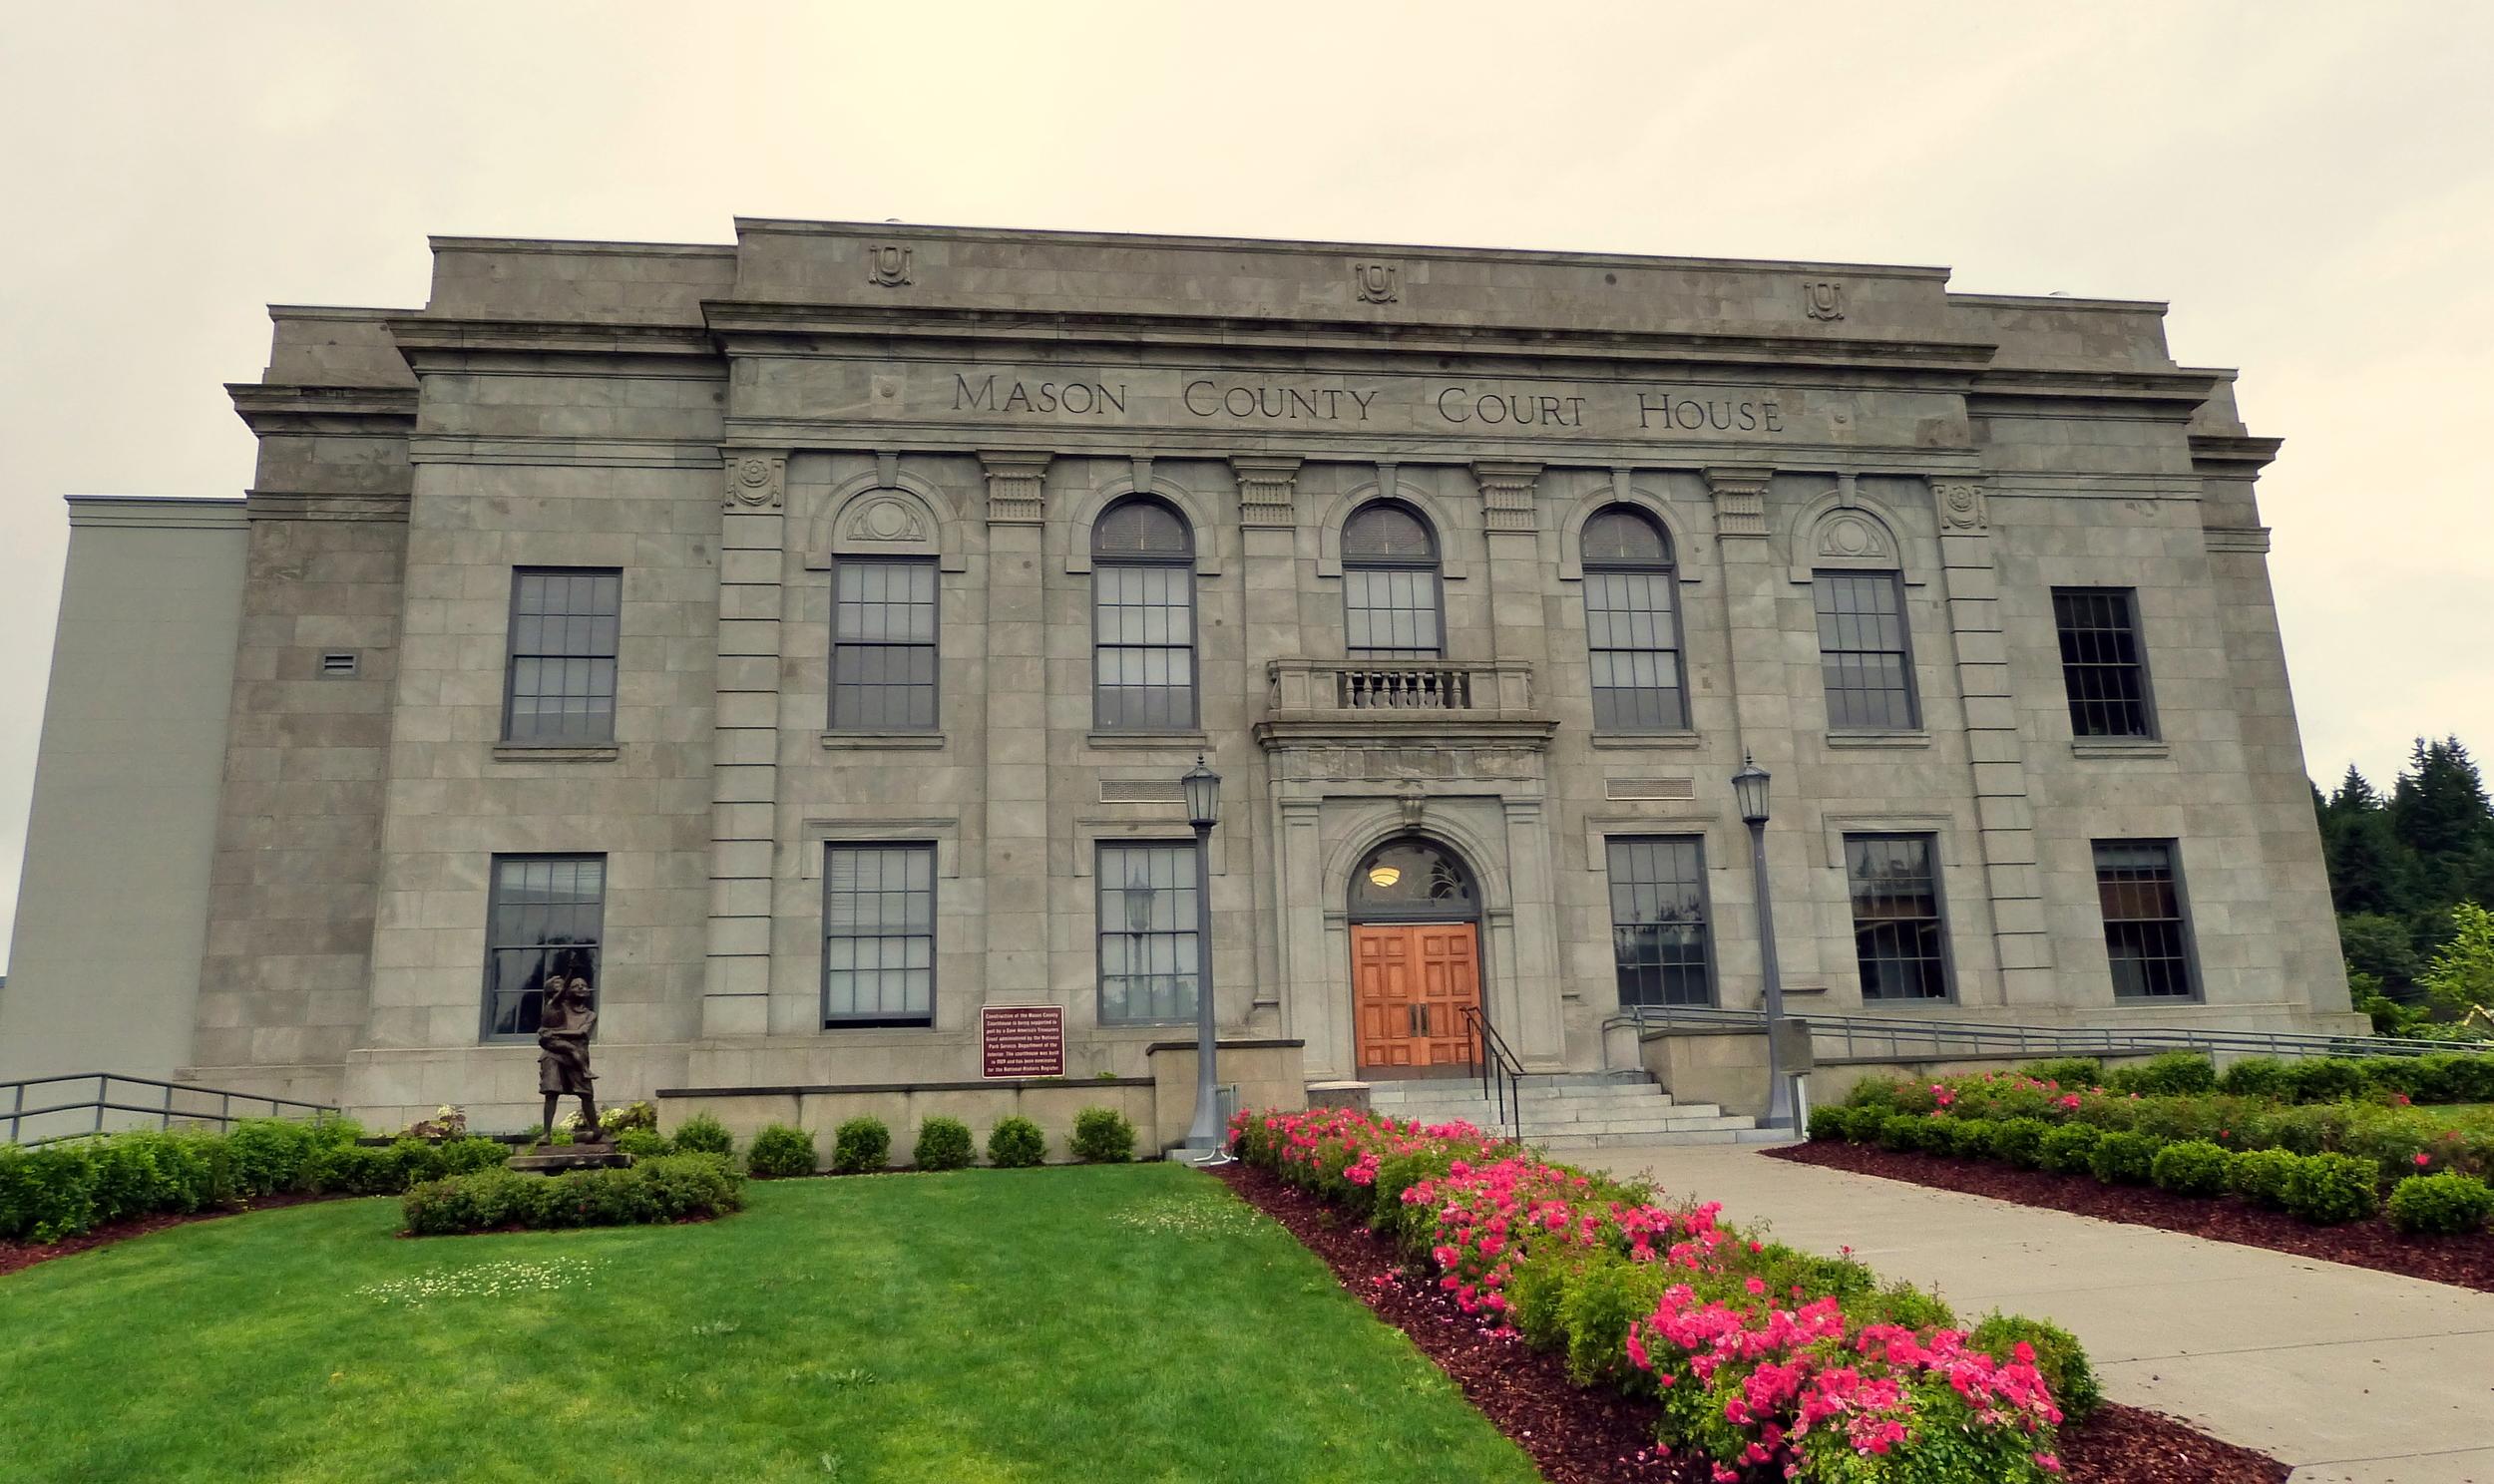 Mason_County_Courthouse_-_Shelton_Washington.jpg